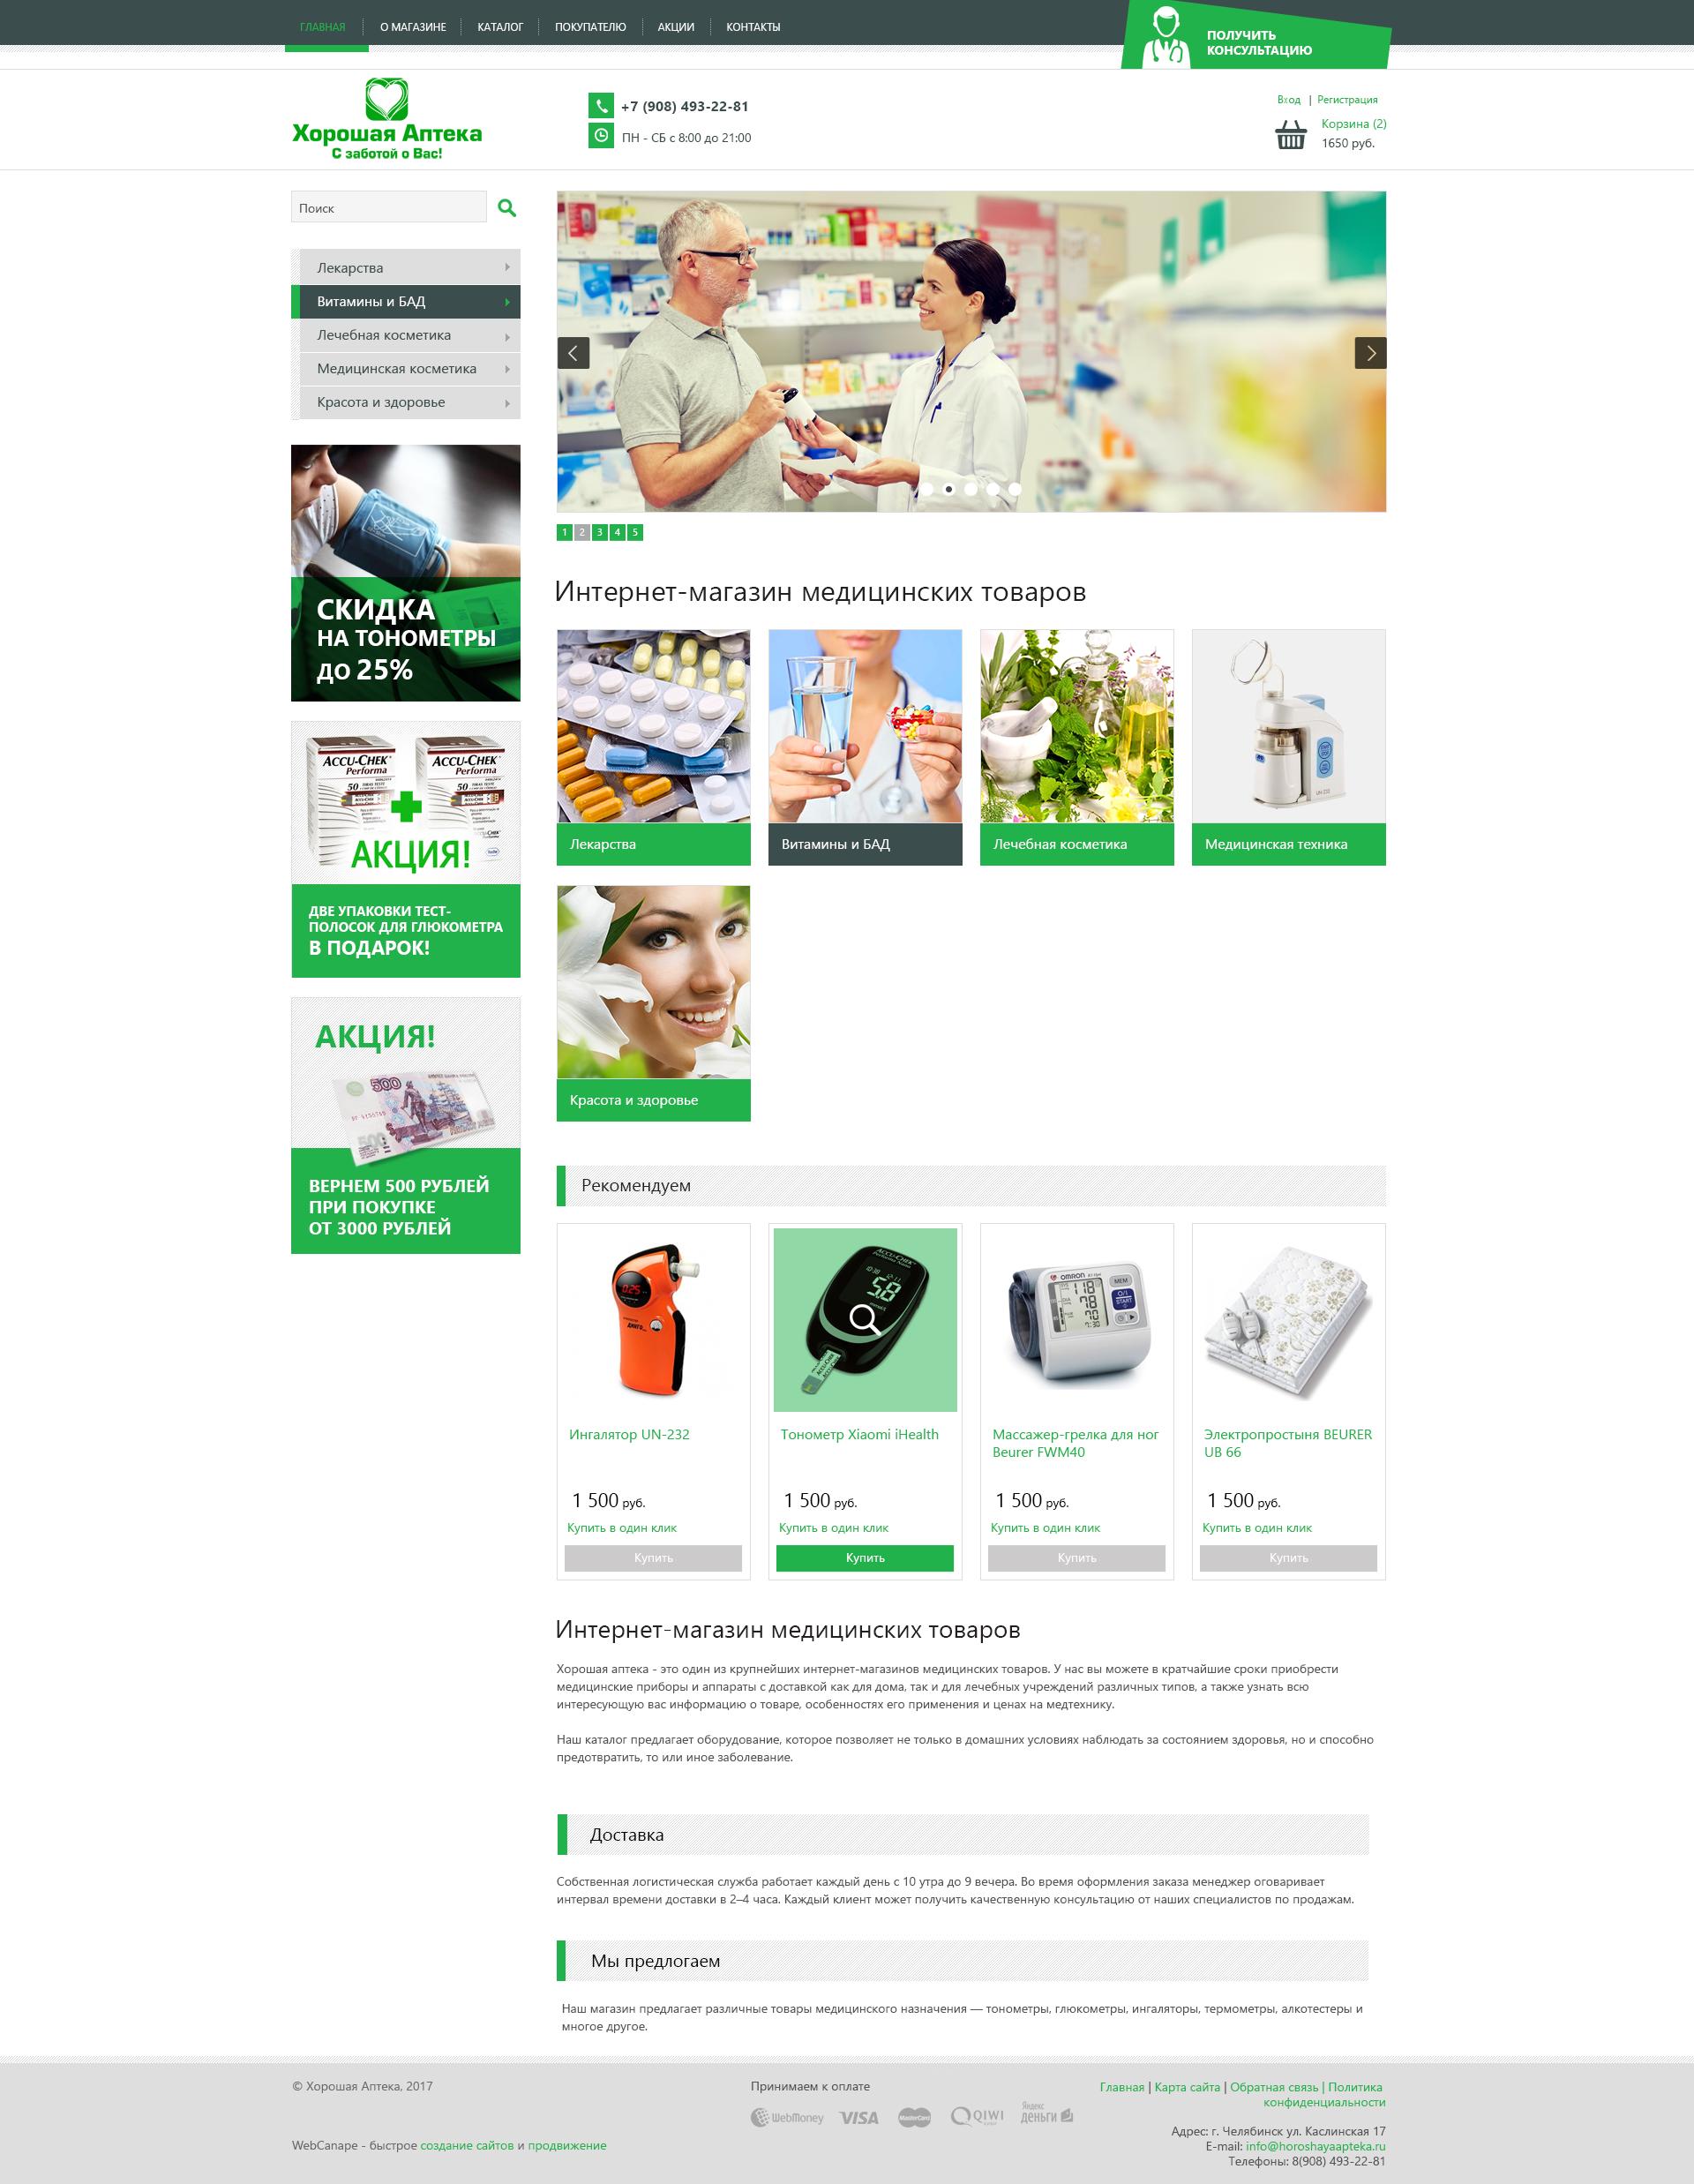 Интернет-магазин медицинских товаров «Хорошая аптека»